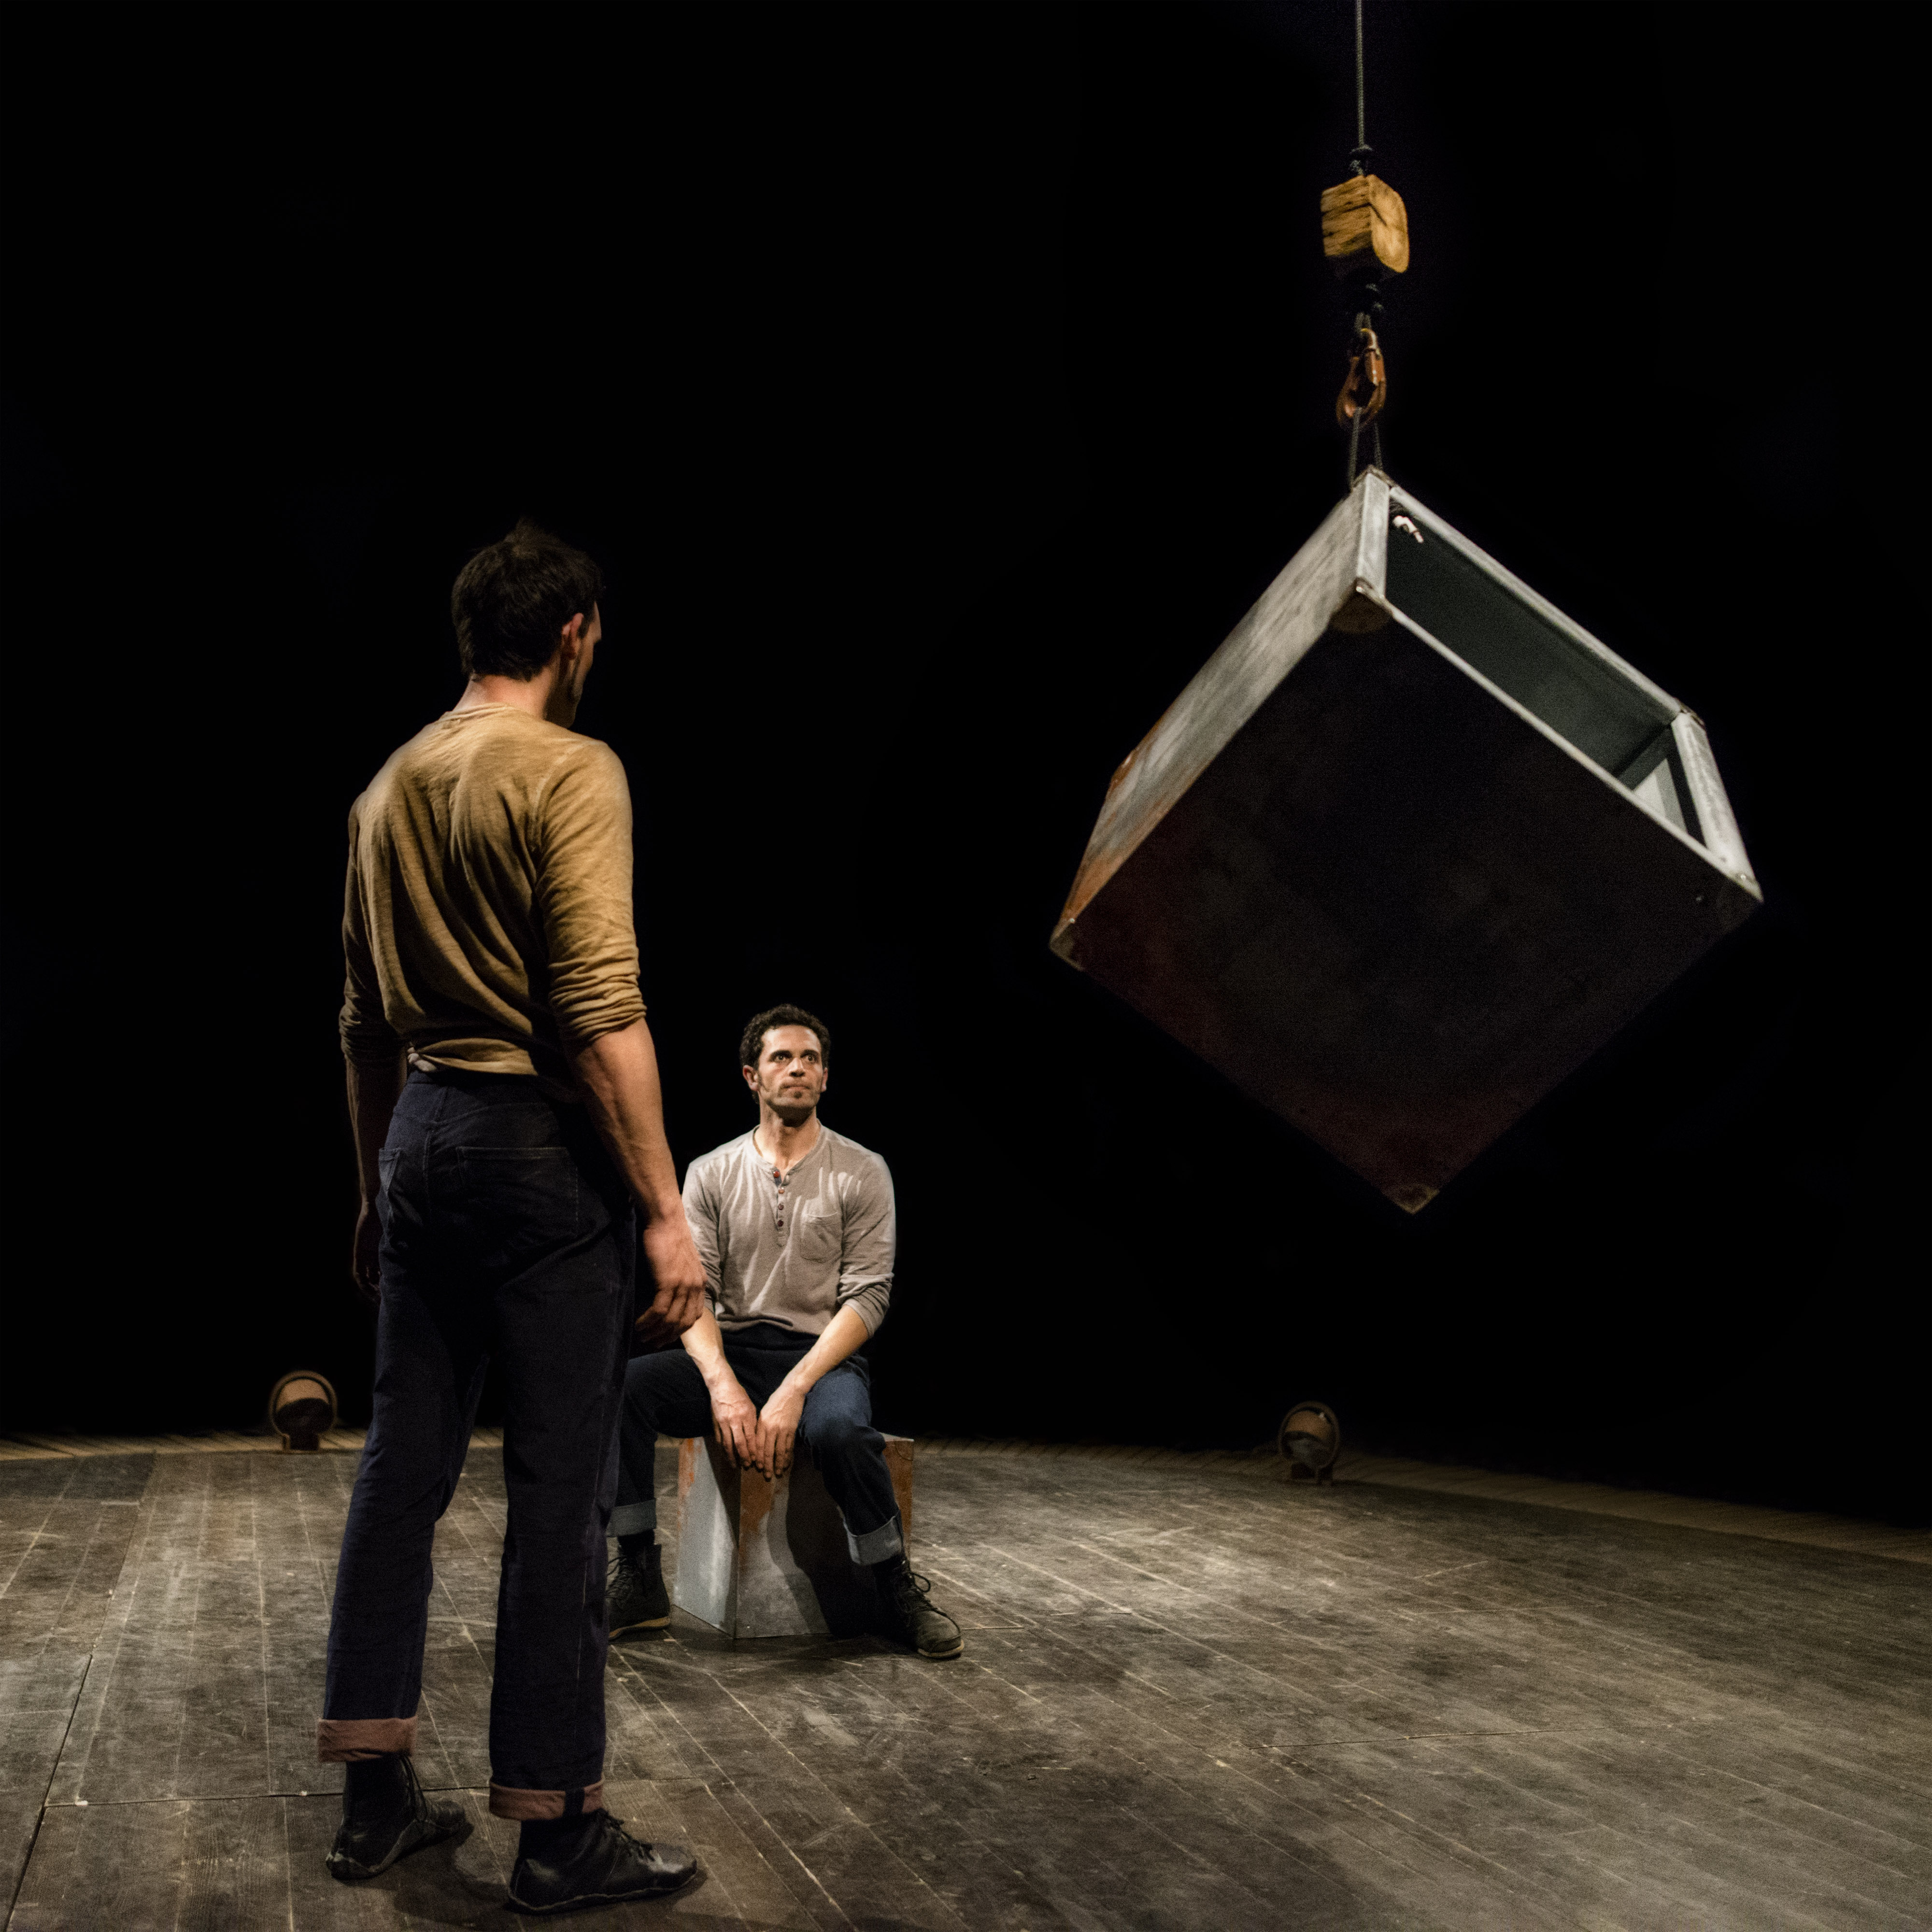 Cie 3 x Rien - Entre Chien et loup - Photo Julien Fortel